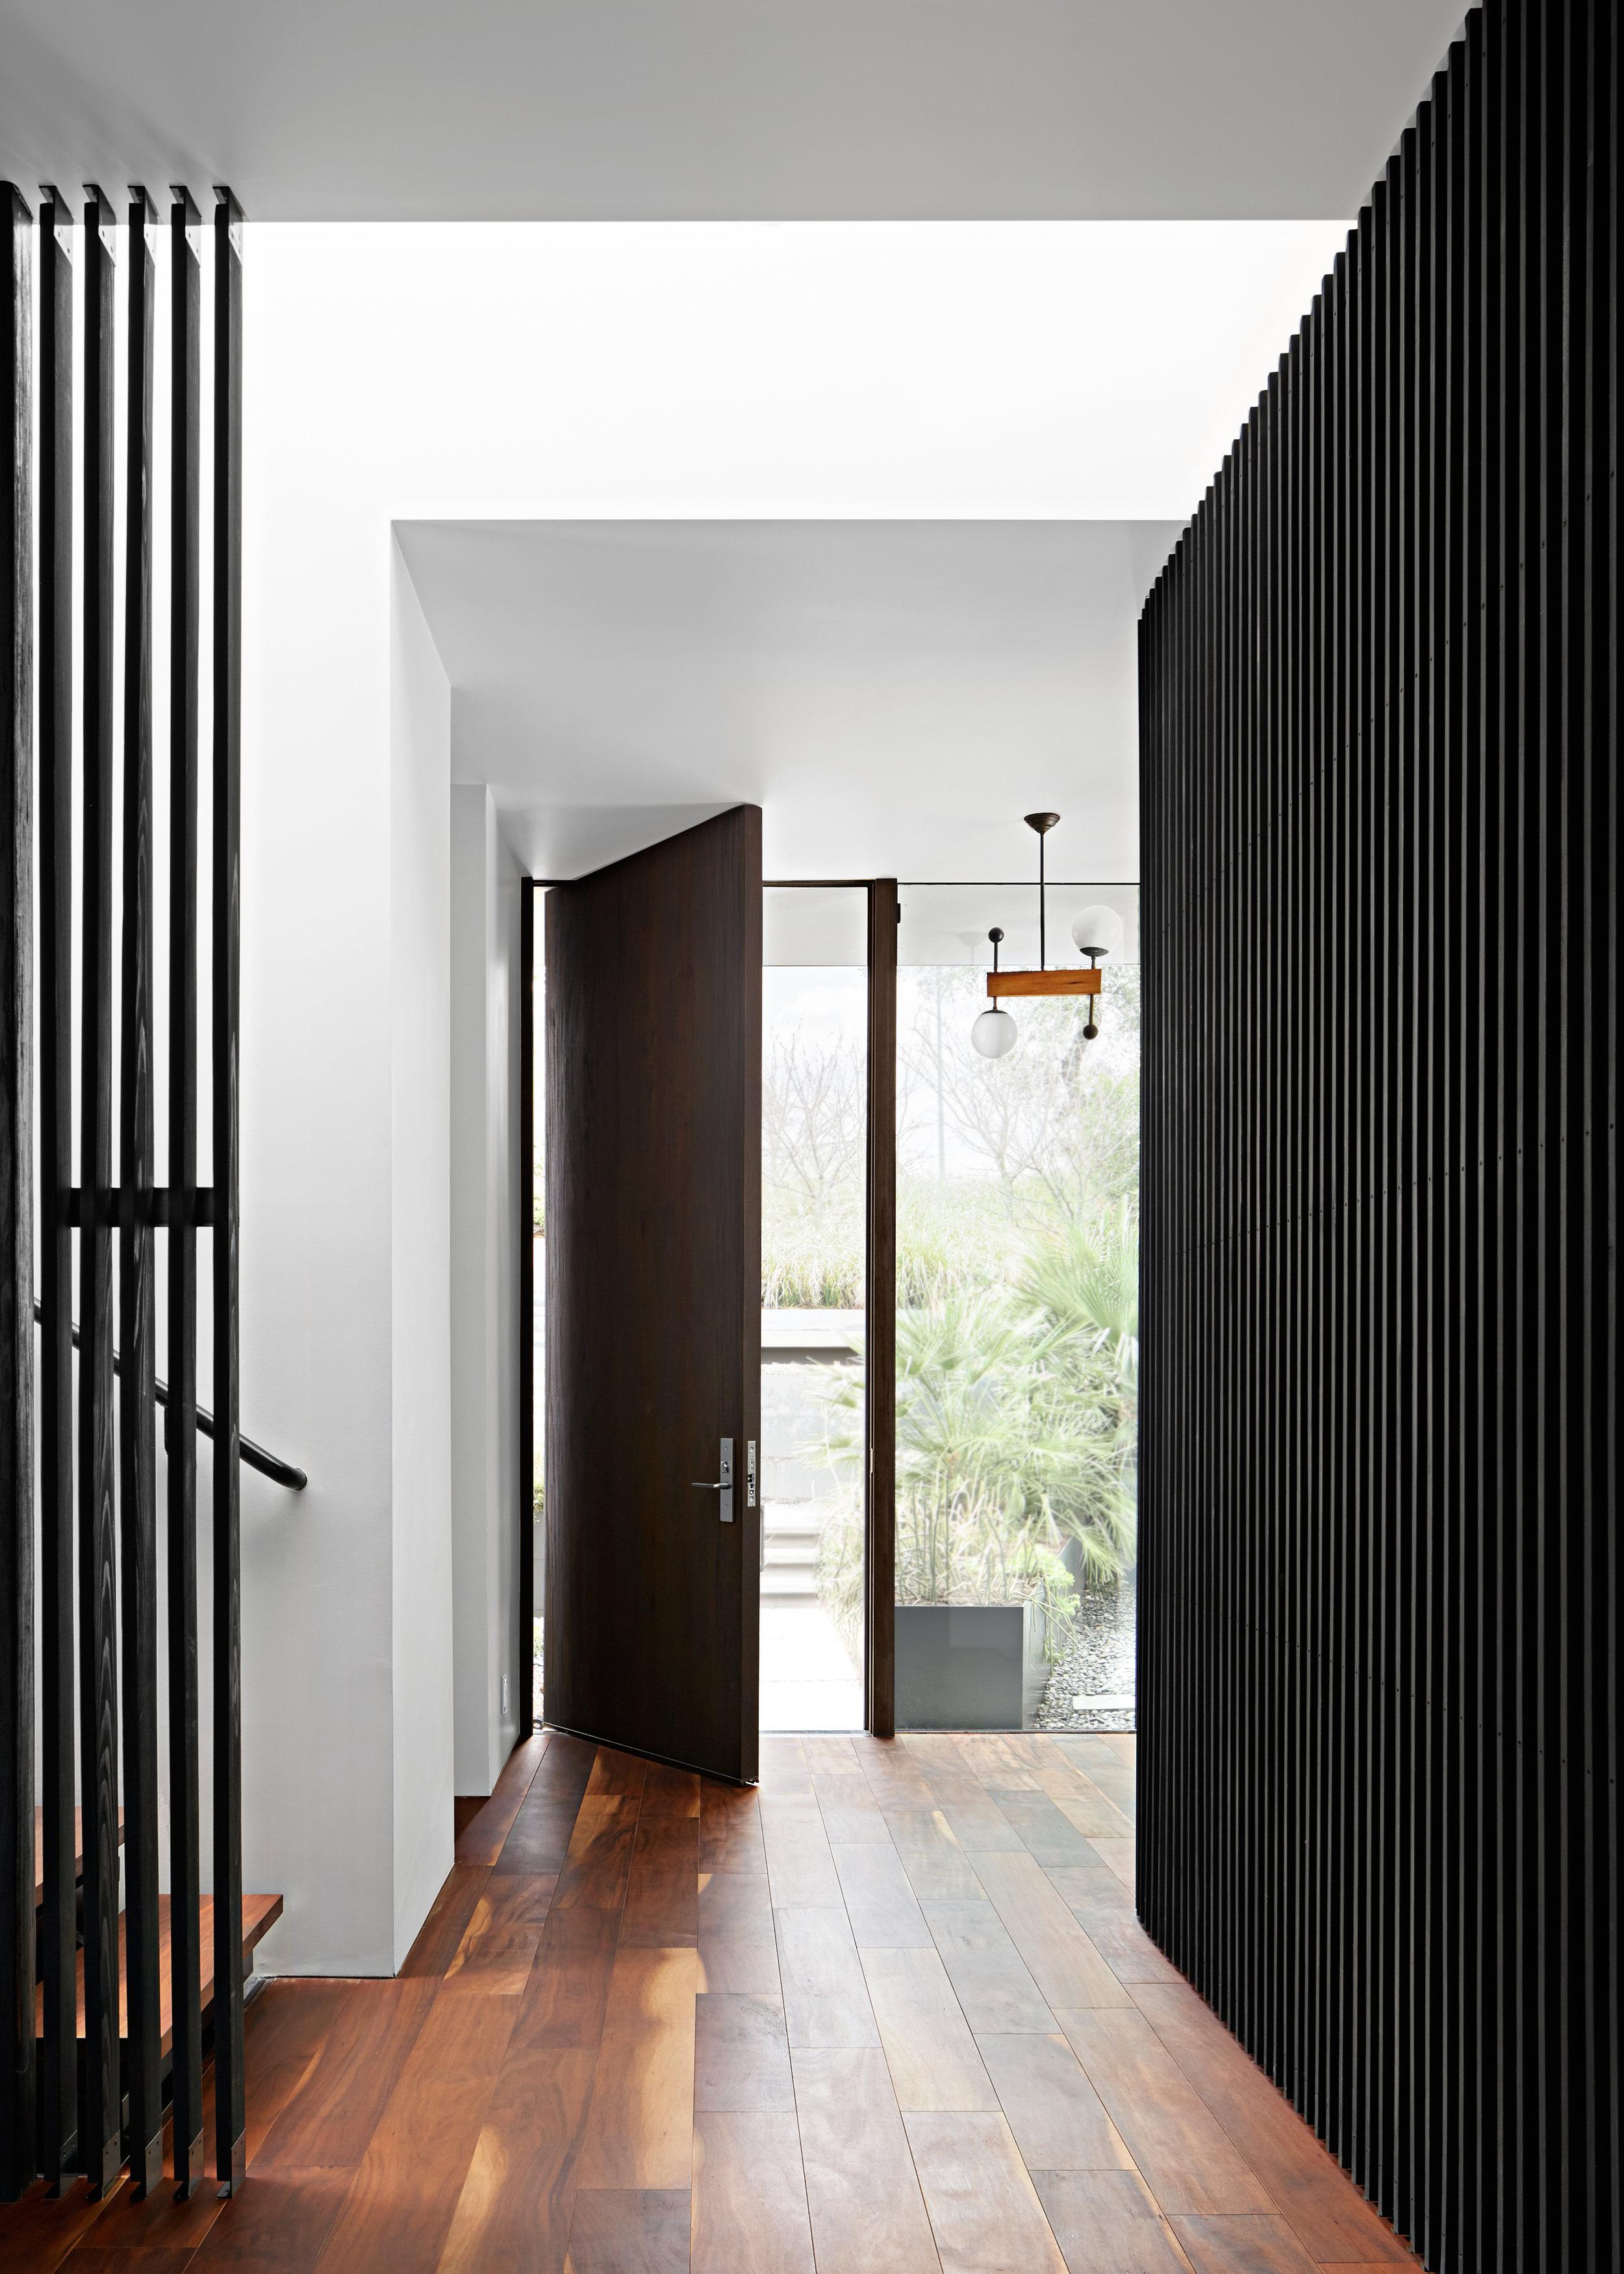 Valburn Residence   Alterstudio  Austin, TX  © Jonathan Dean